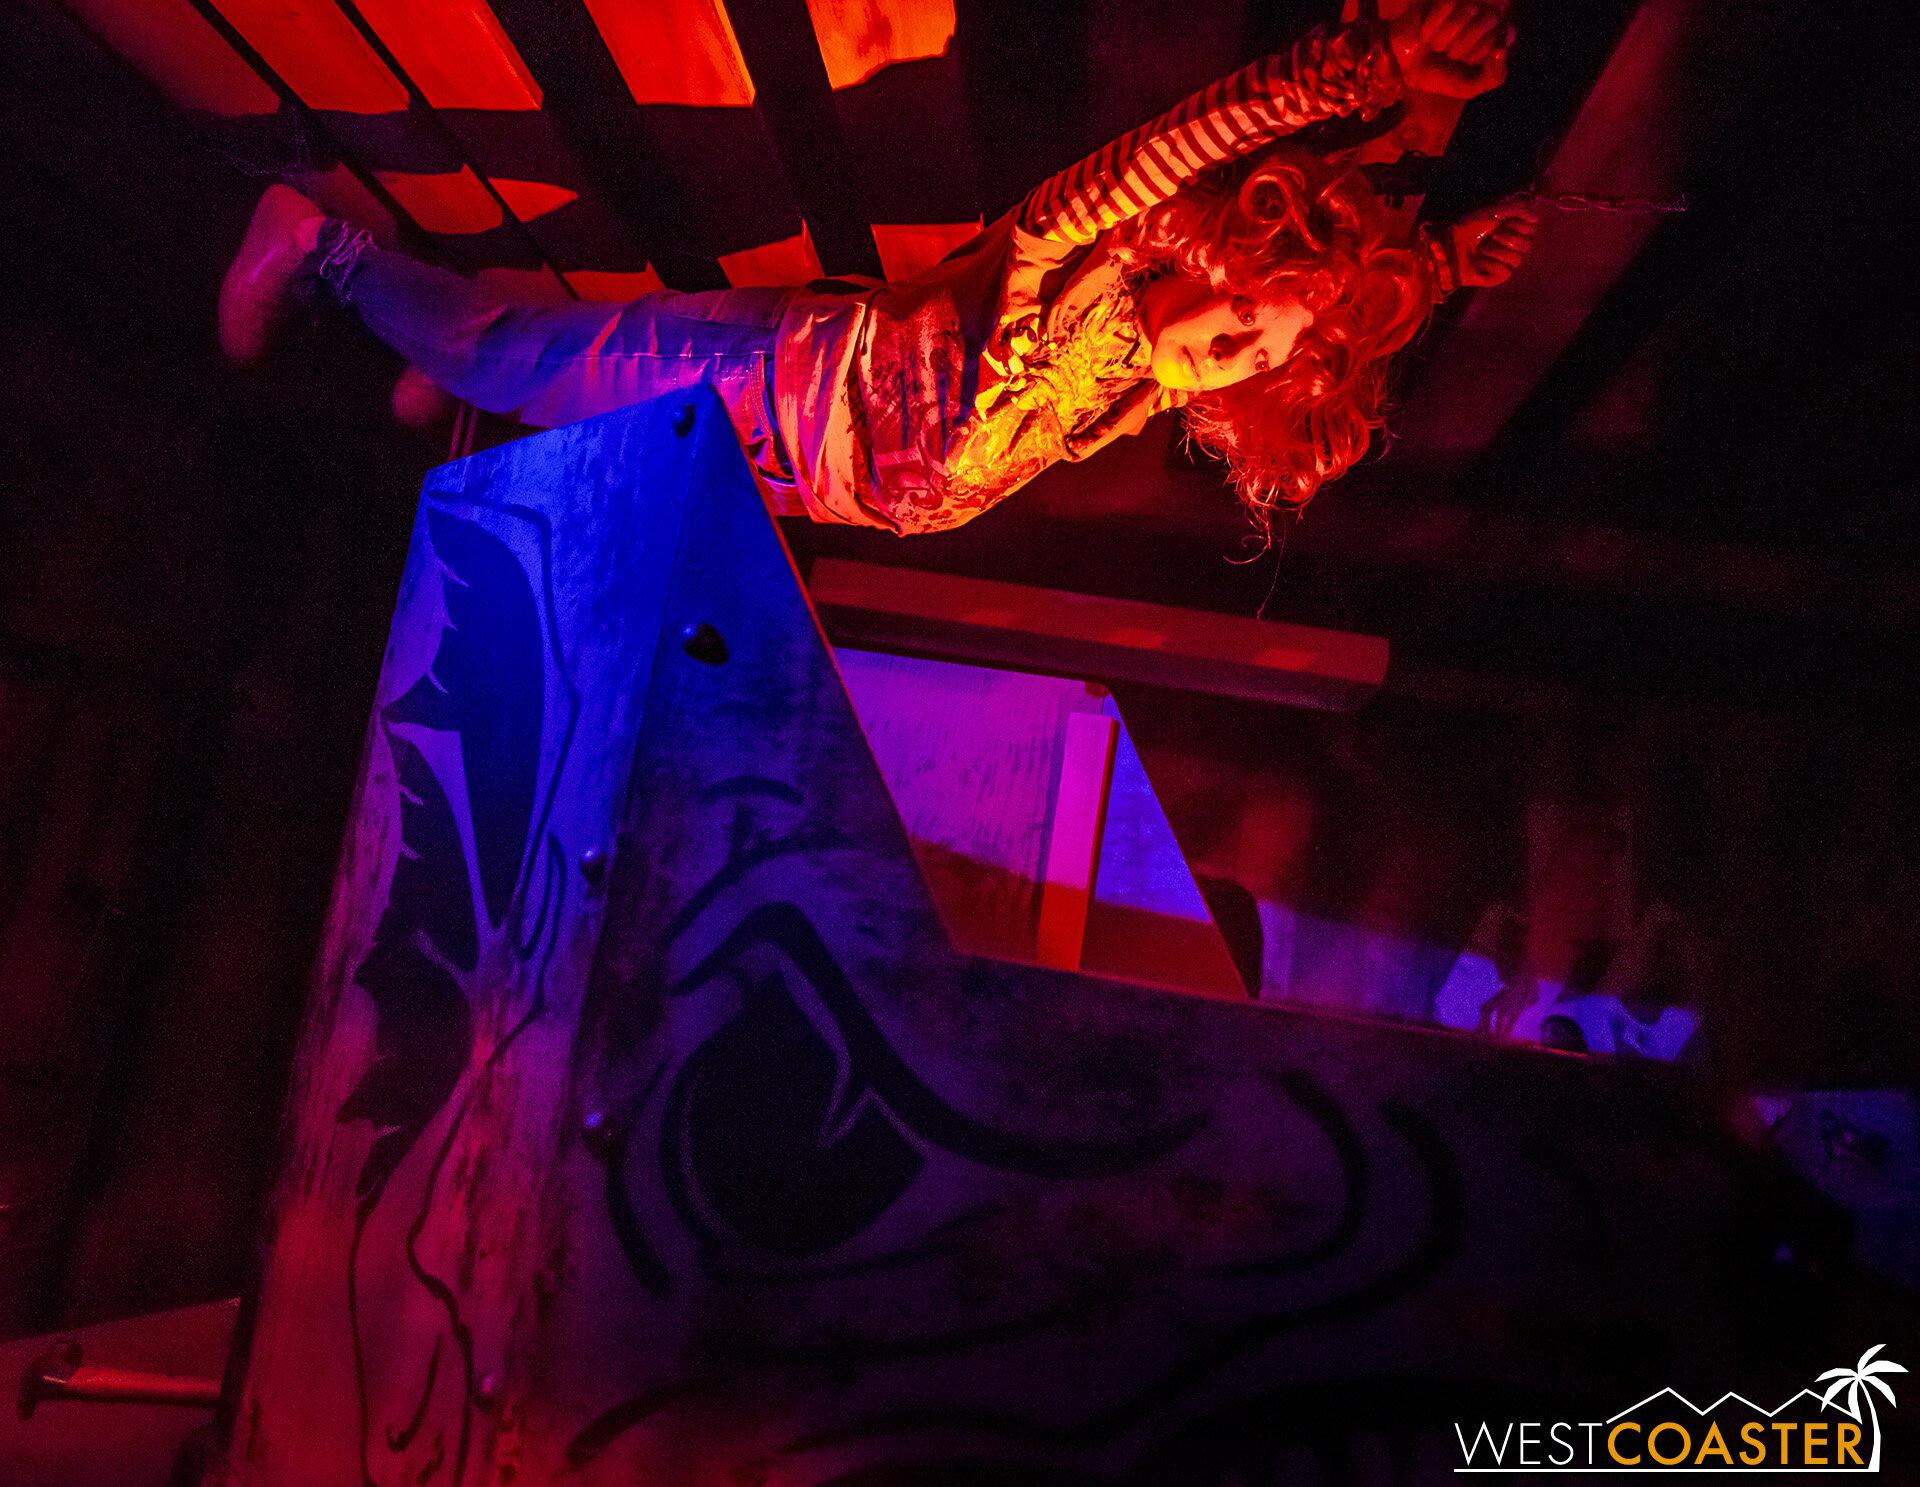 KSF-19_0927-07-DarkRide-0012.jpg